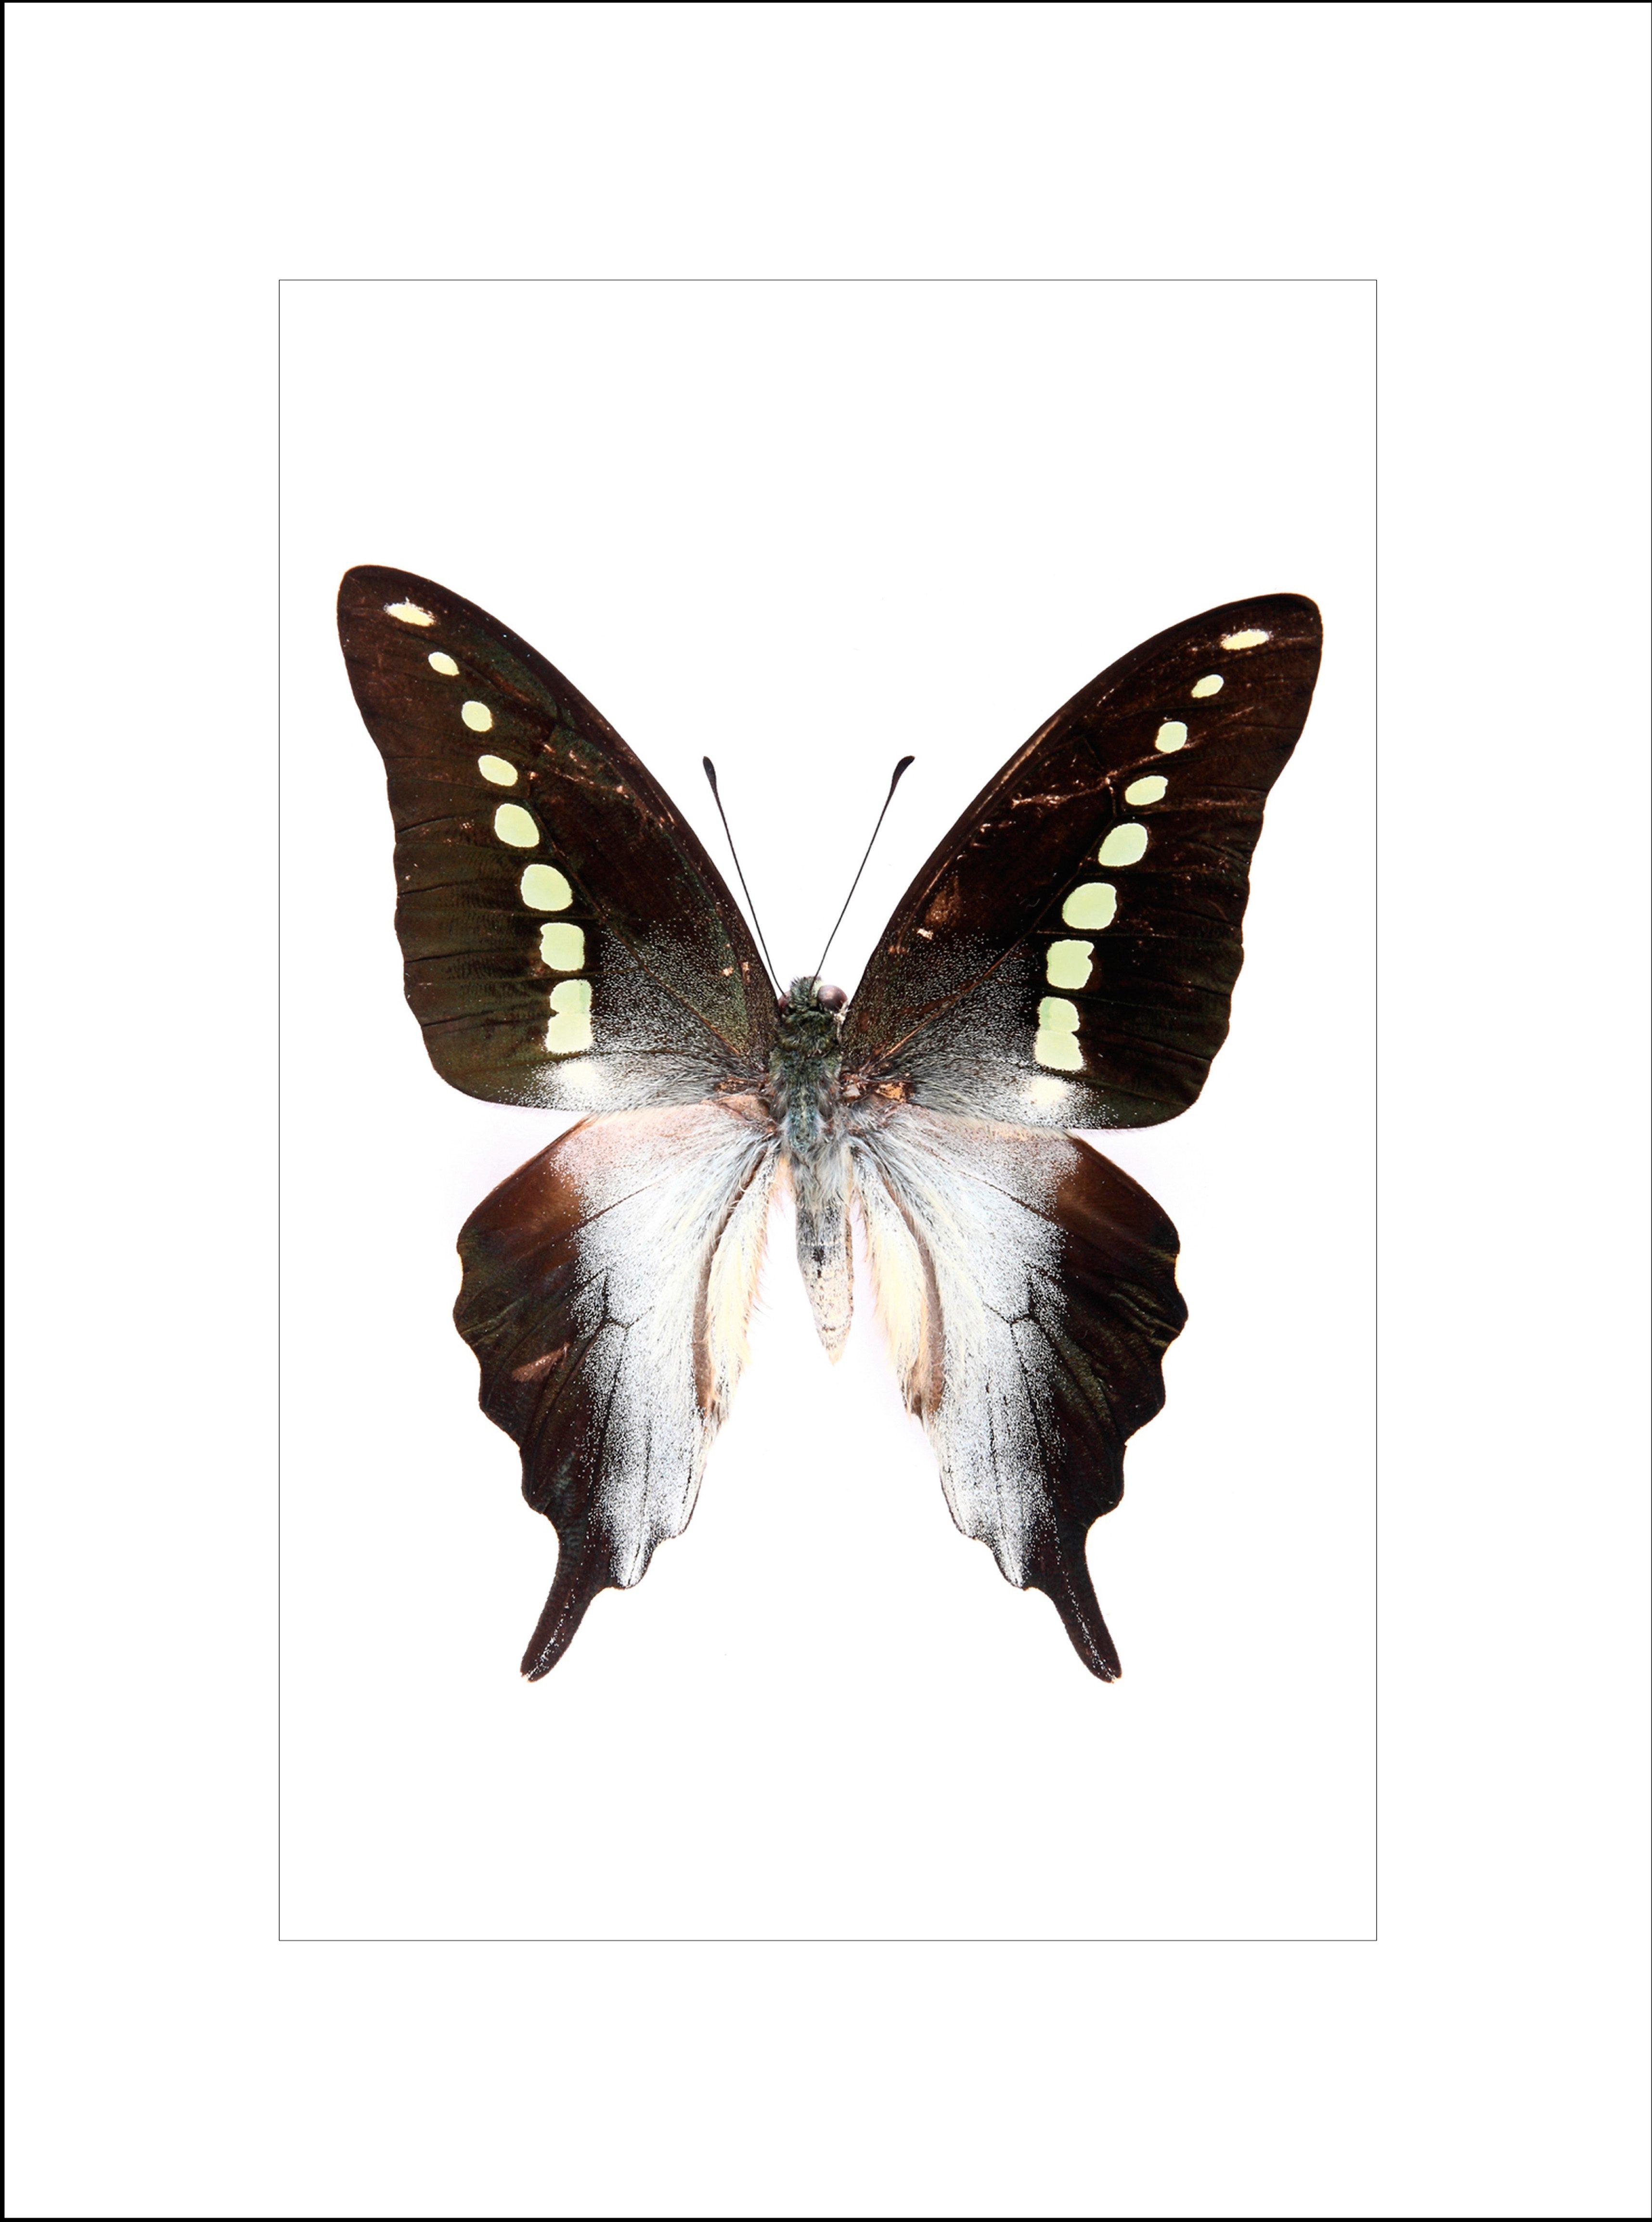 G&C gerahmter Kunstdruck »Ein wunderschöner Schmetterling«, 33/43